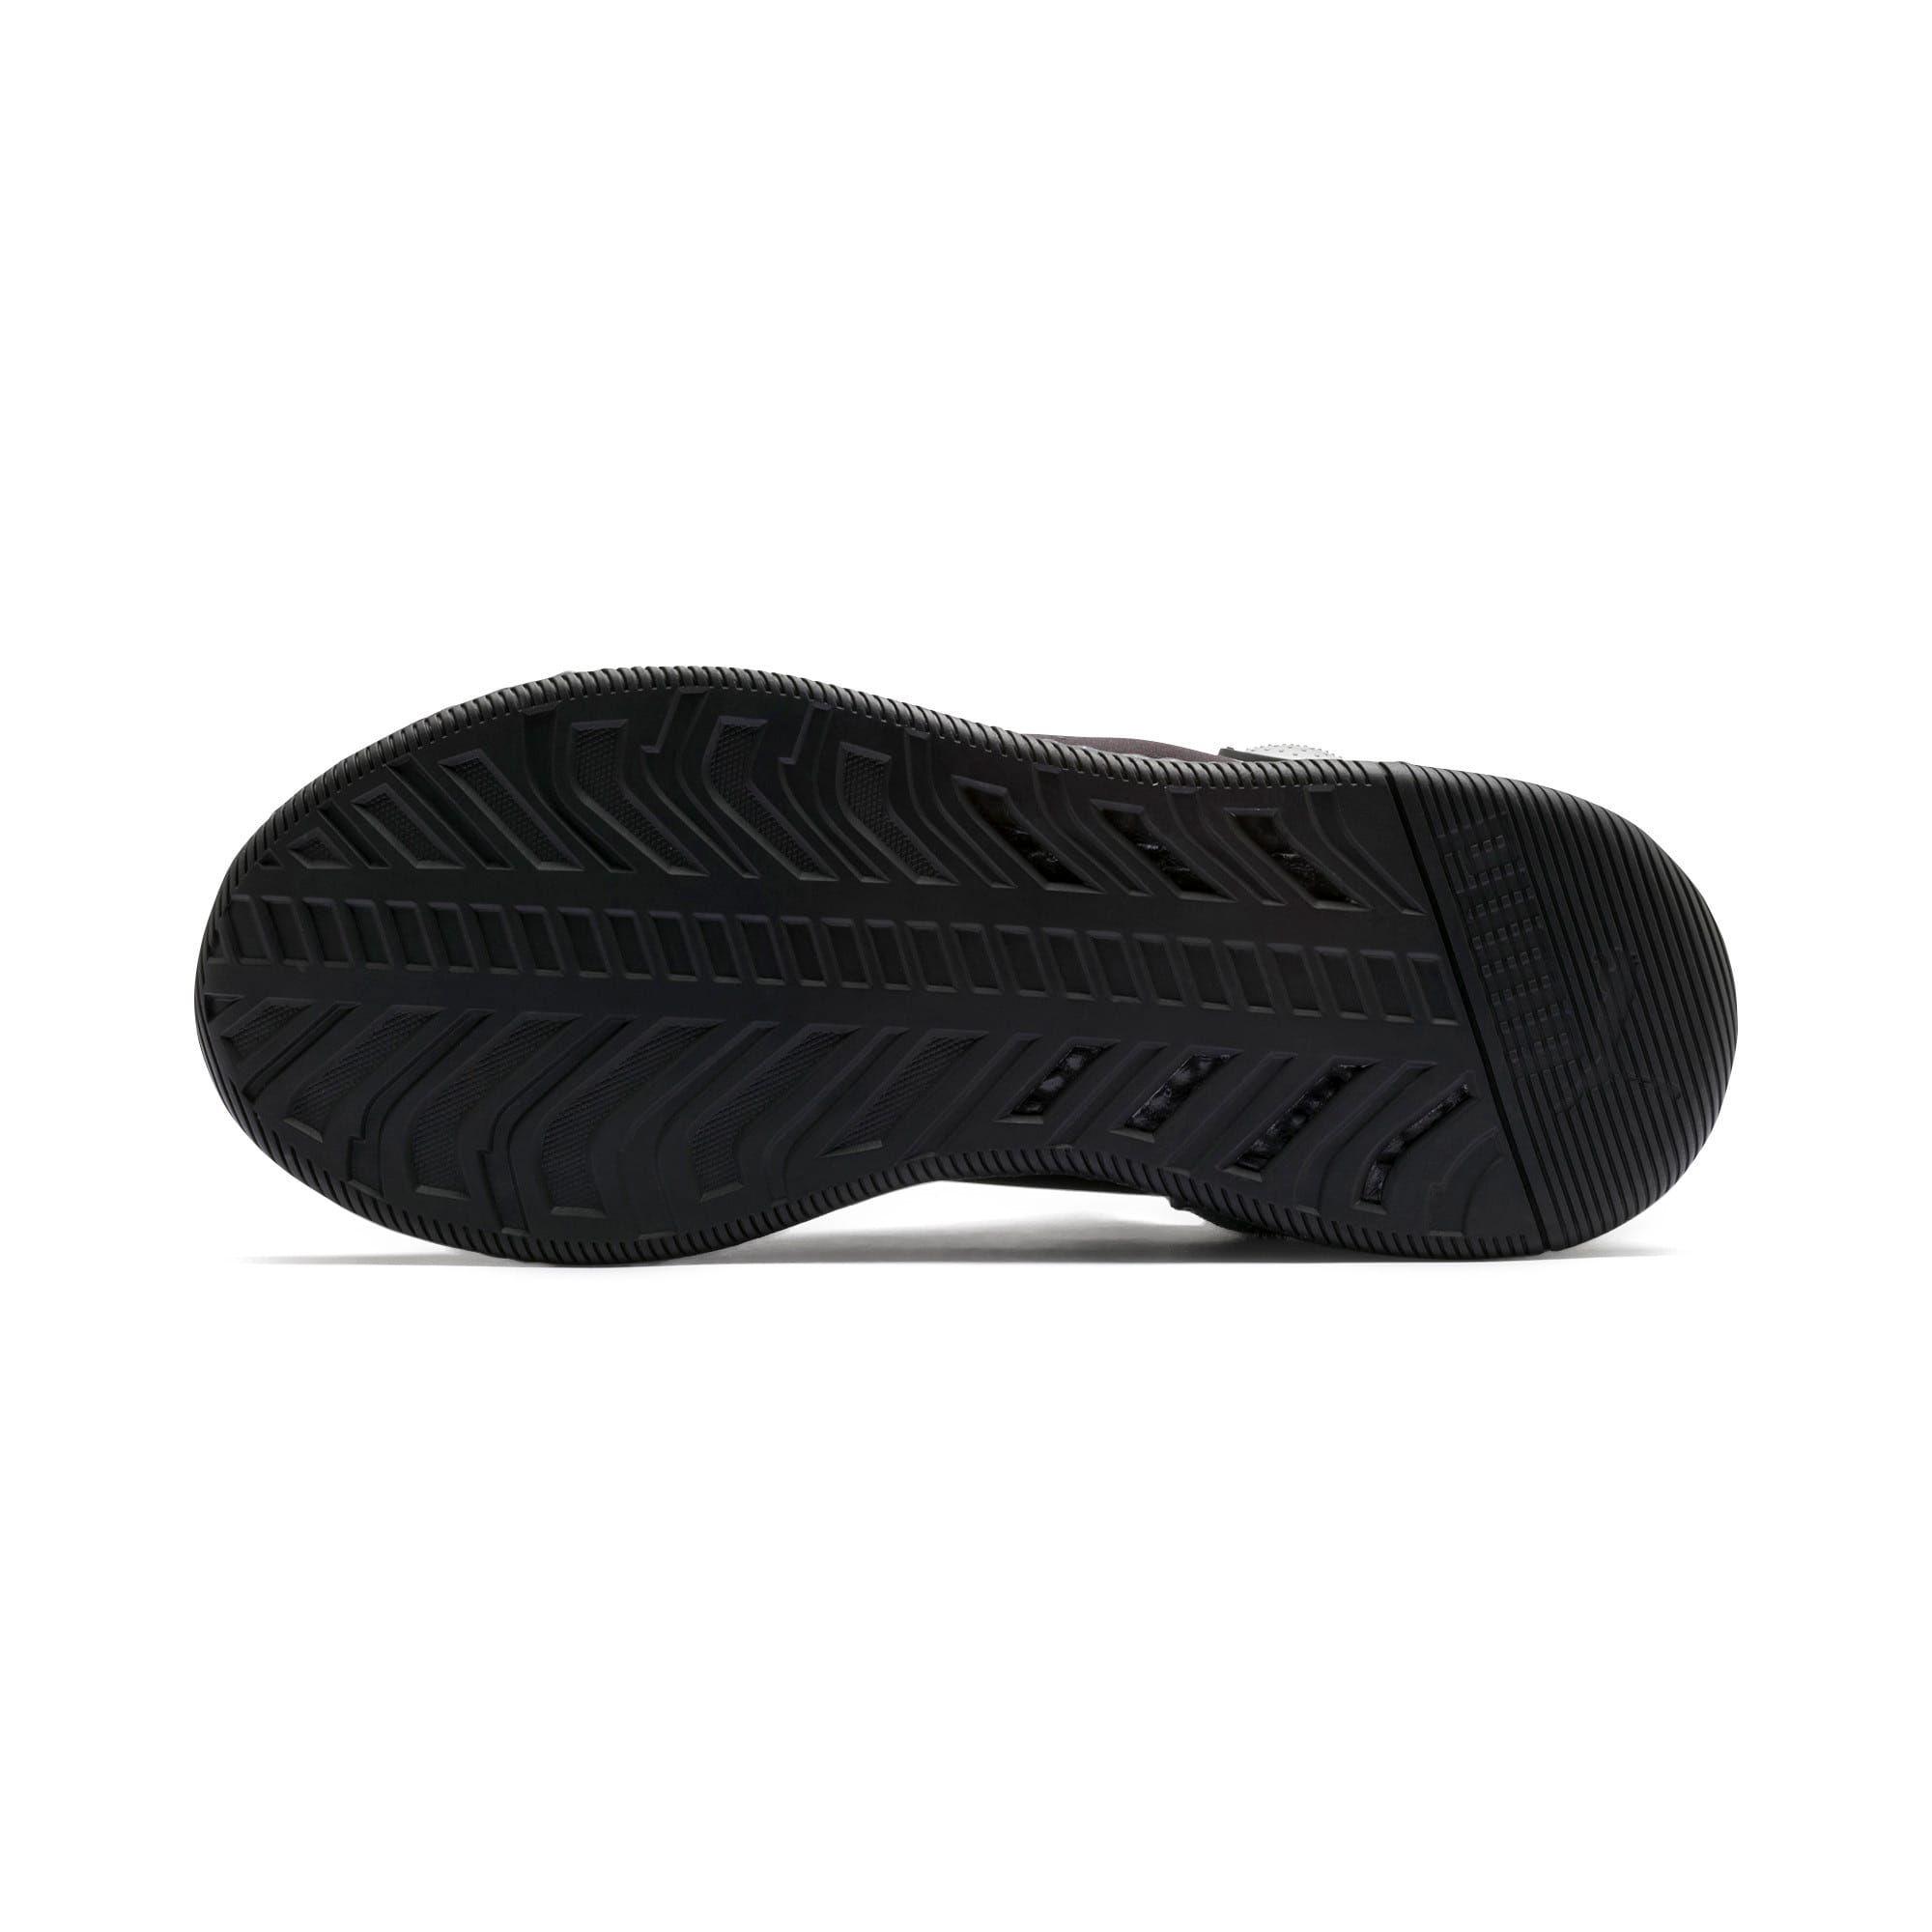 puma motorsport homme chaussure